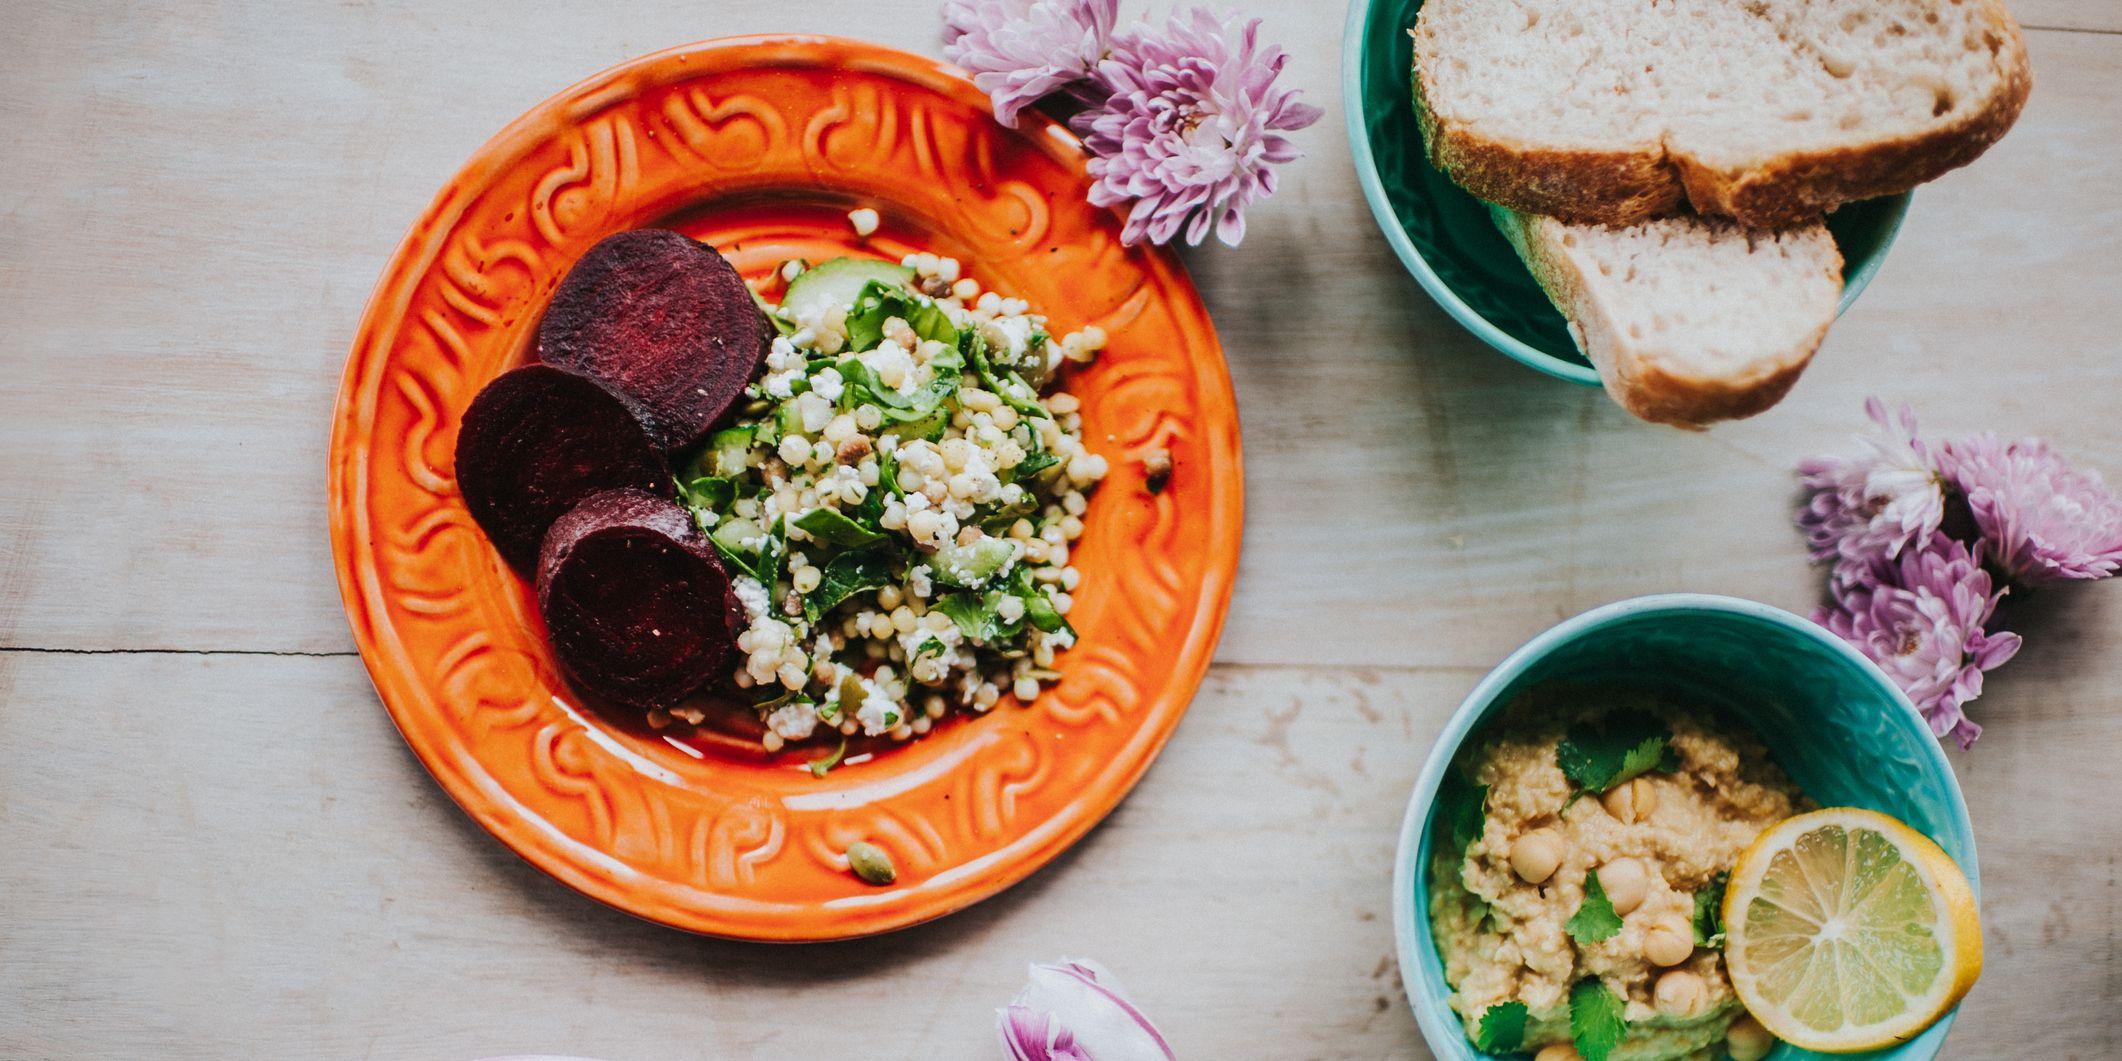 eating pegan: vegan and paleo